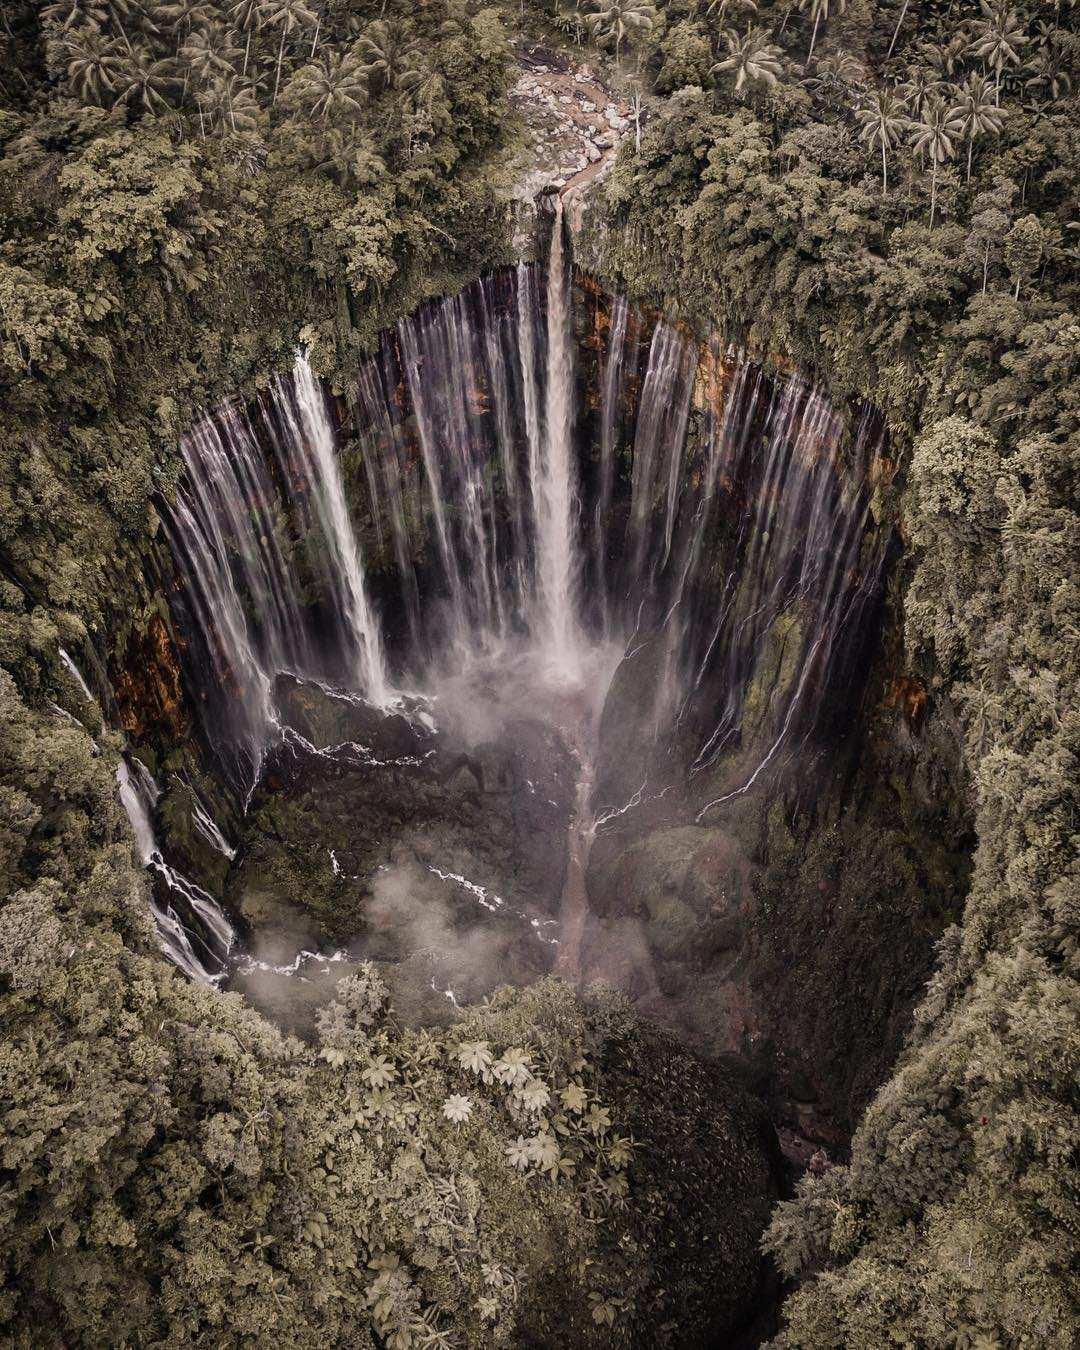 Foto Air Terjun Tumpak Sewu dari Atas, Image From @melmath